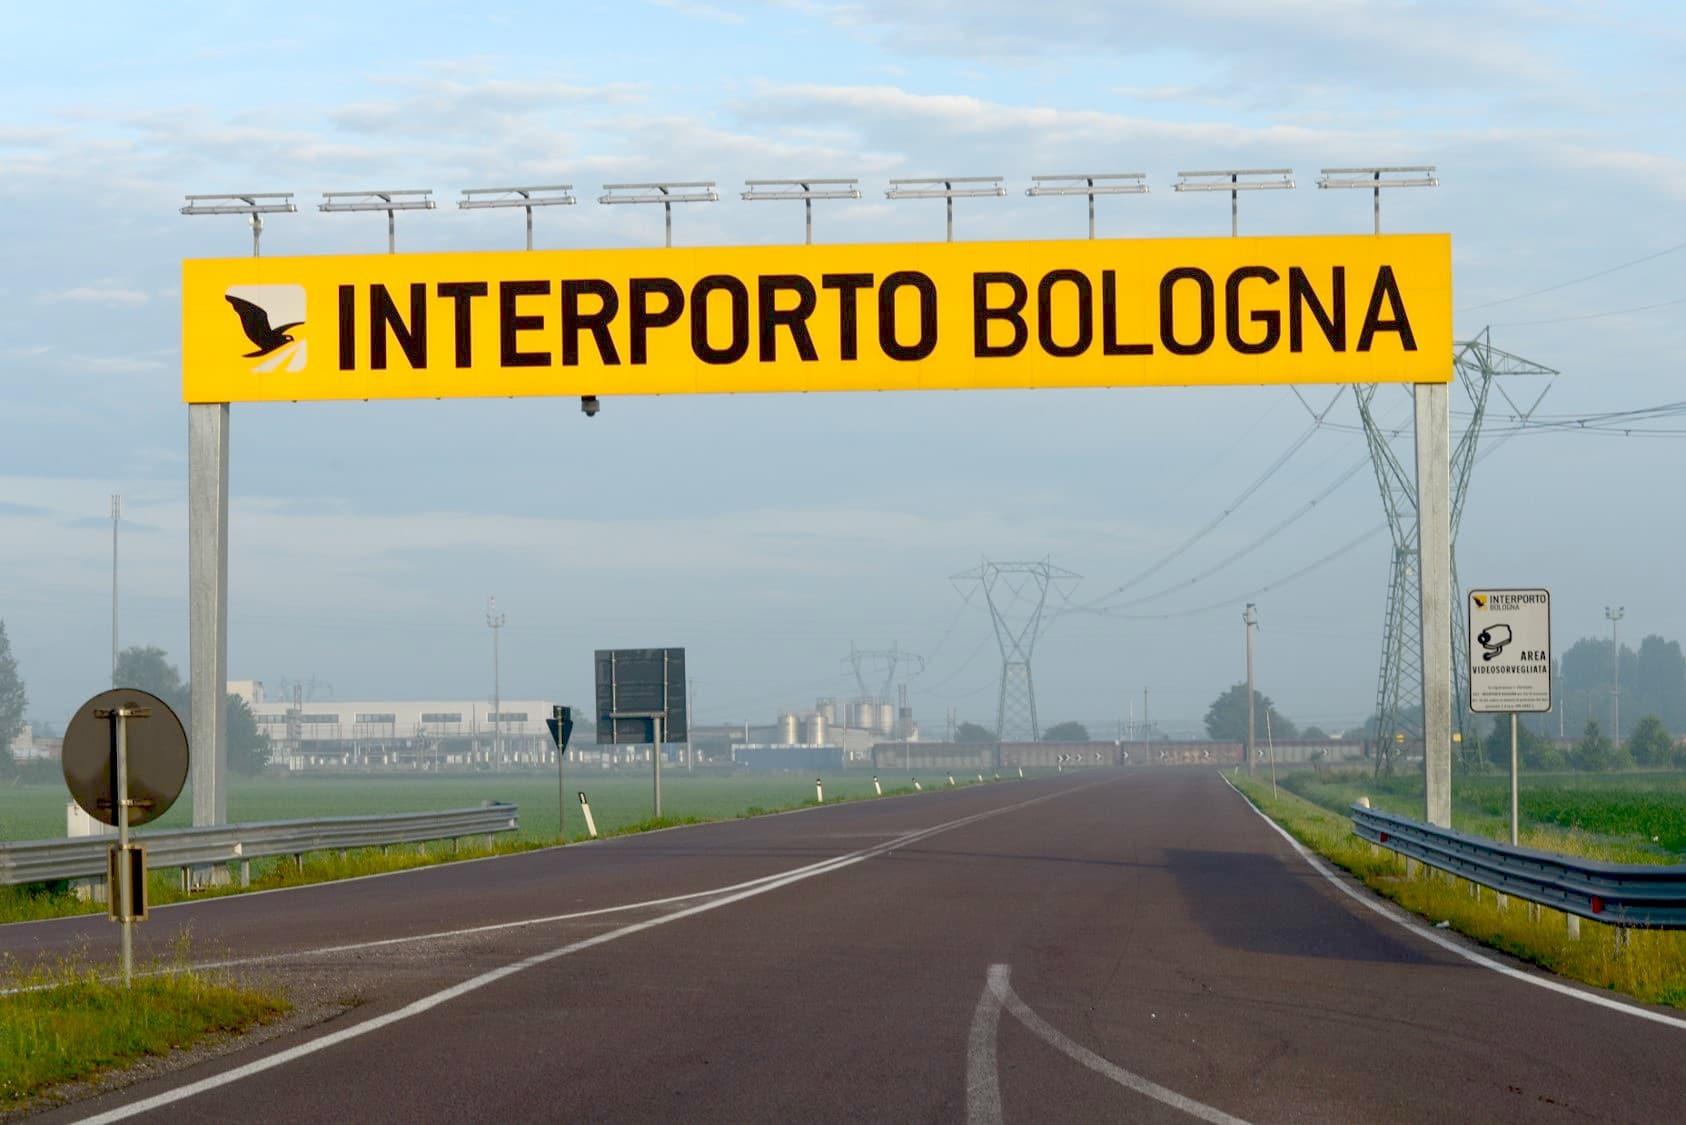 interporto bologna traffico merci trasporti